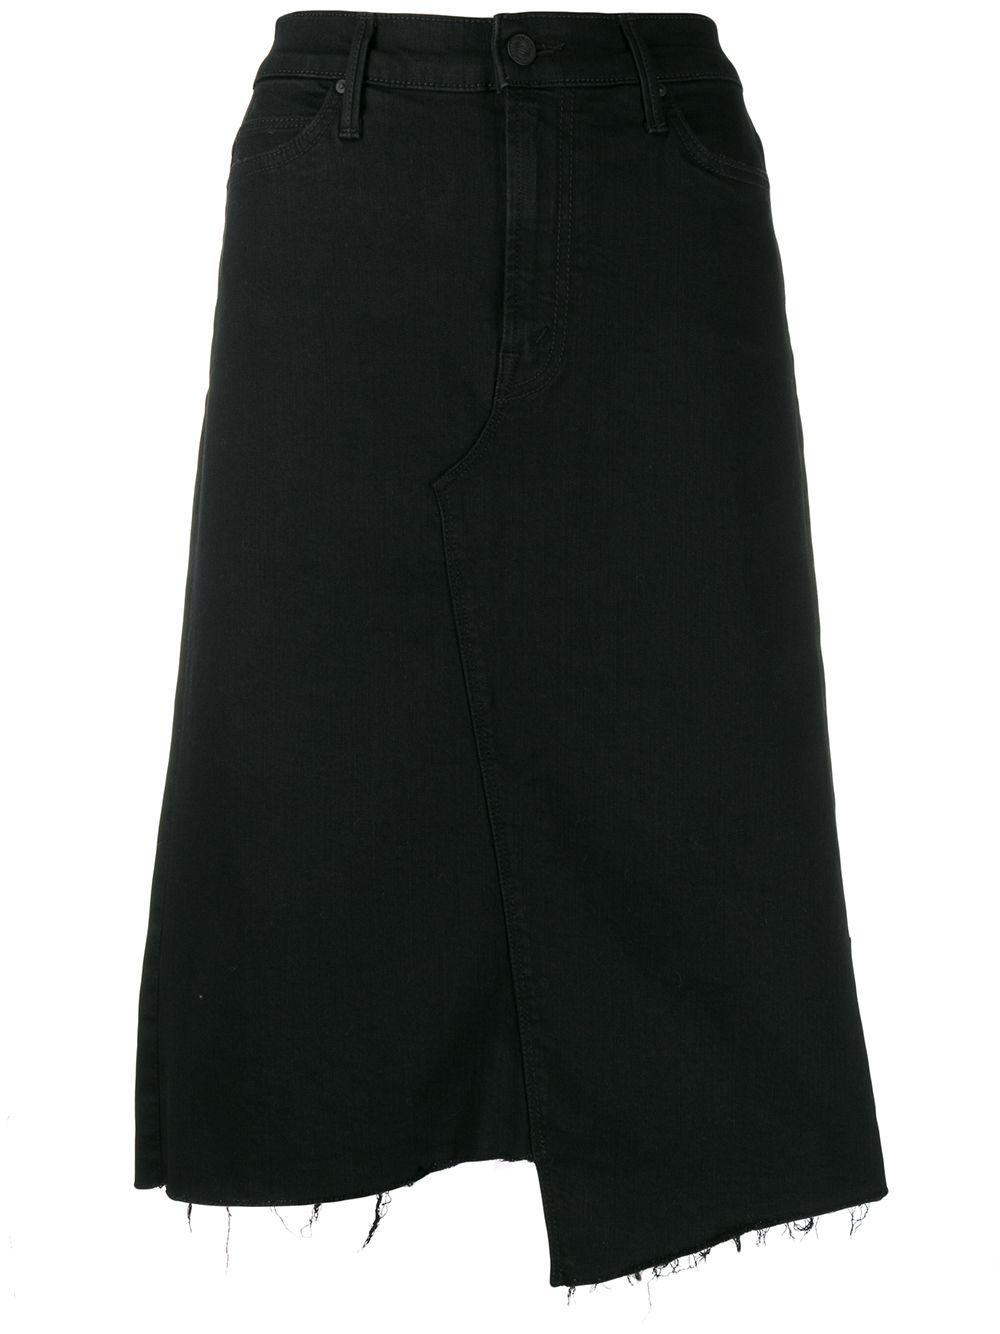 Mother джинсовая юбка асимметричного кроя